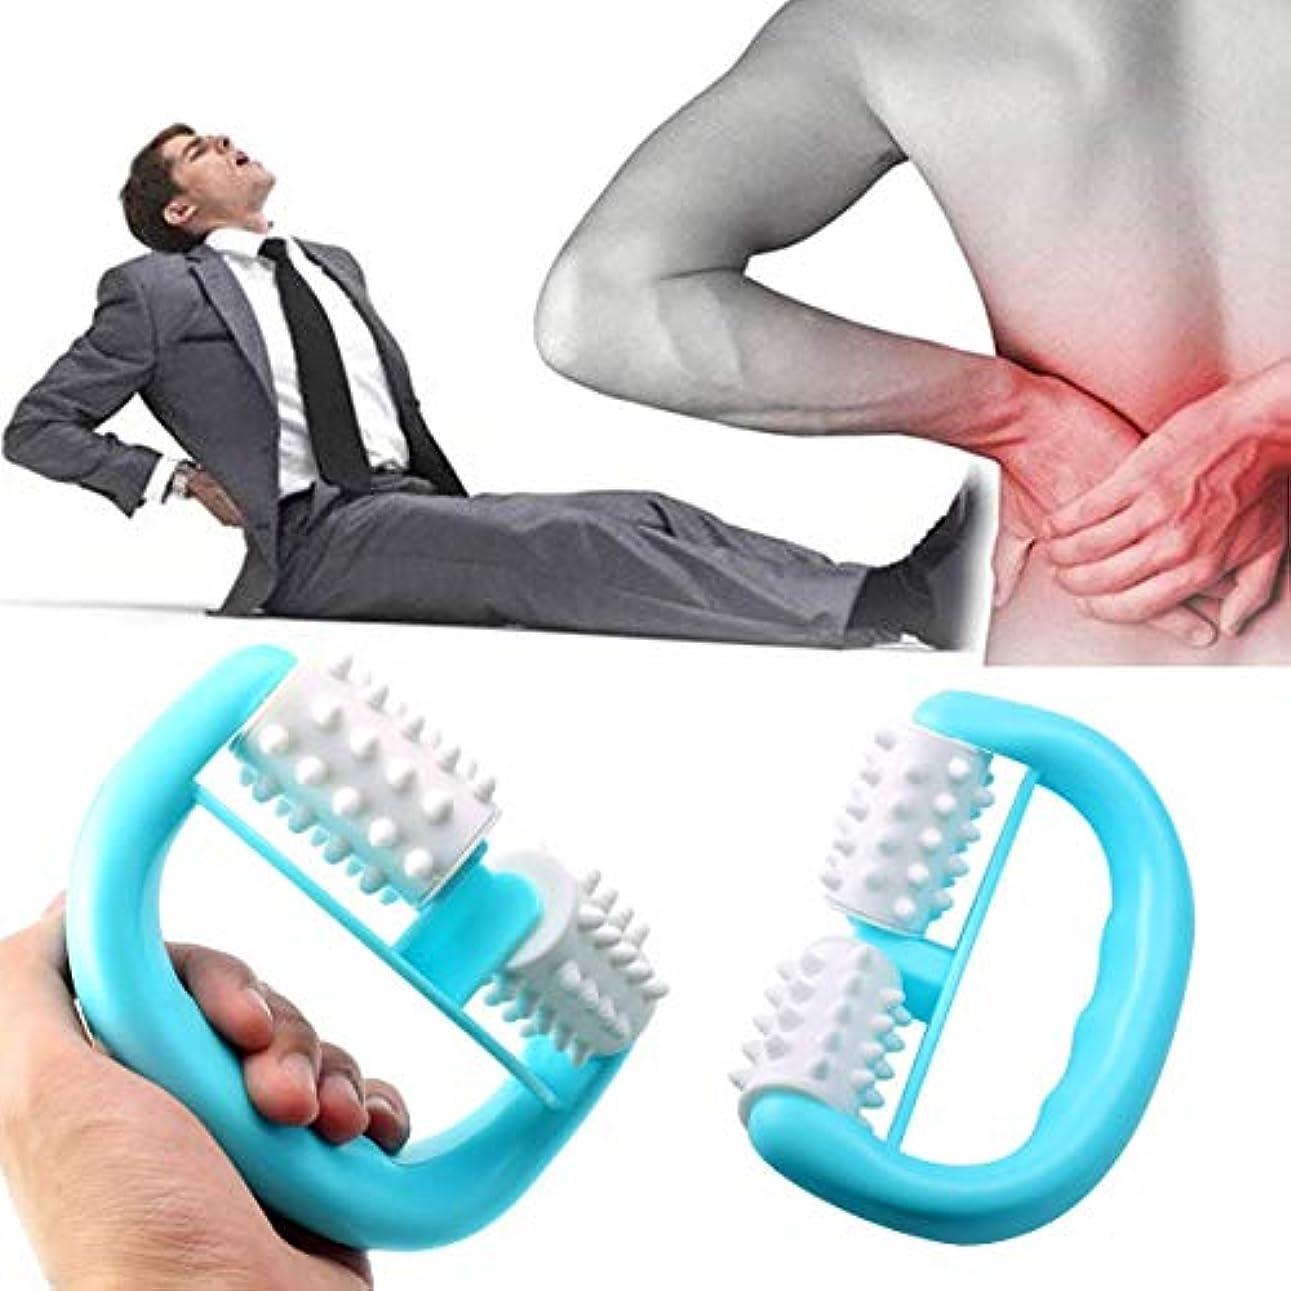 クリーナーキャンベラ手伝うハンドヘルドボディアンチ脂肪マッサージセルローラーマッサージャーミニホイールボールフットハンドネックヘッドレッグ痛み緩和